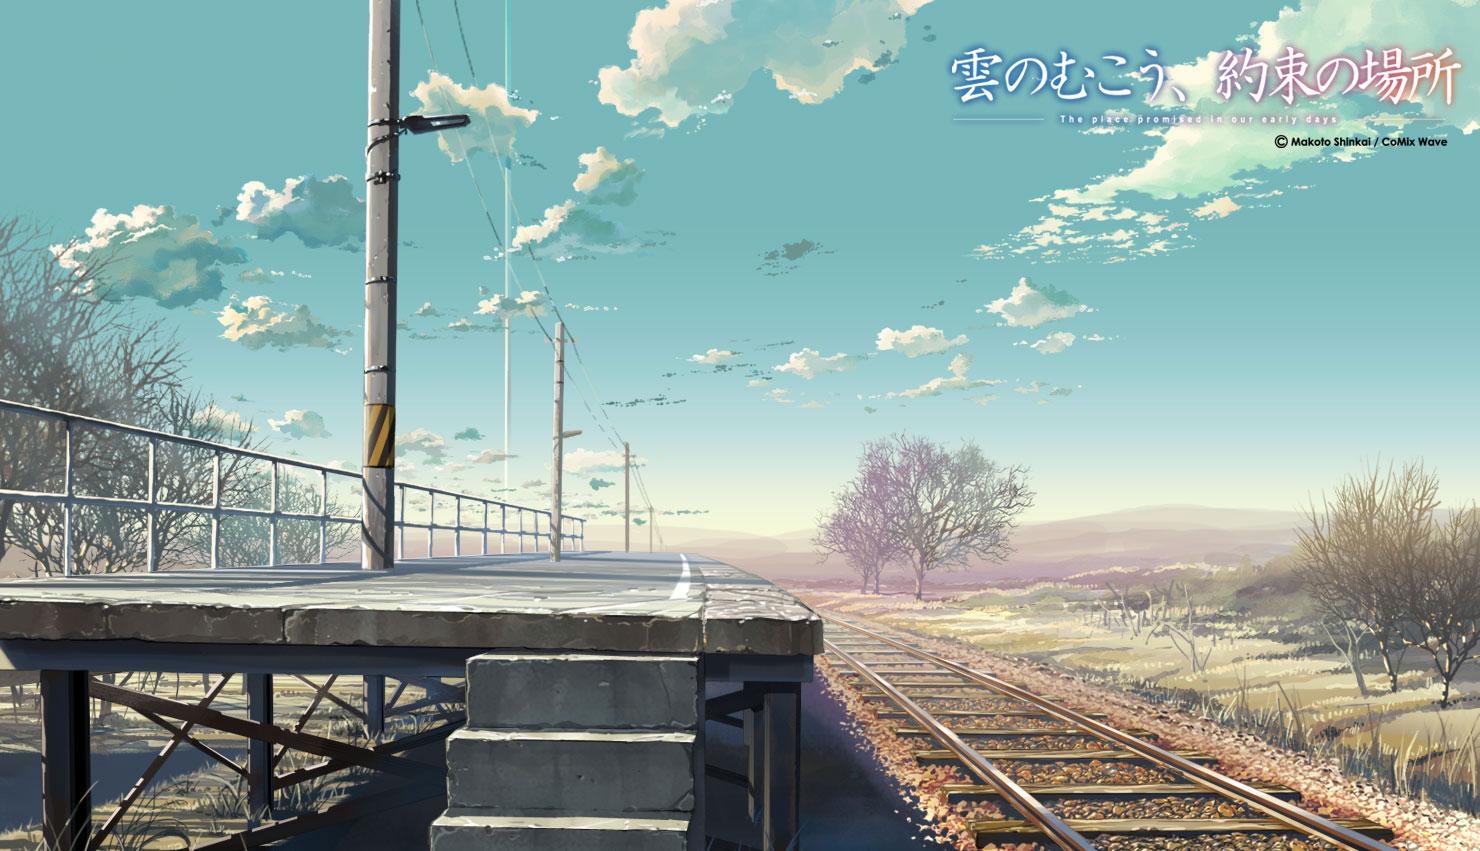 新海誠の雲のむこう、約束の場所の壁紙